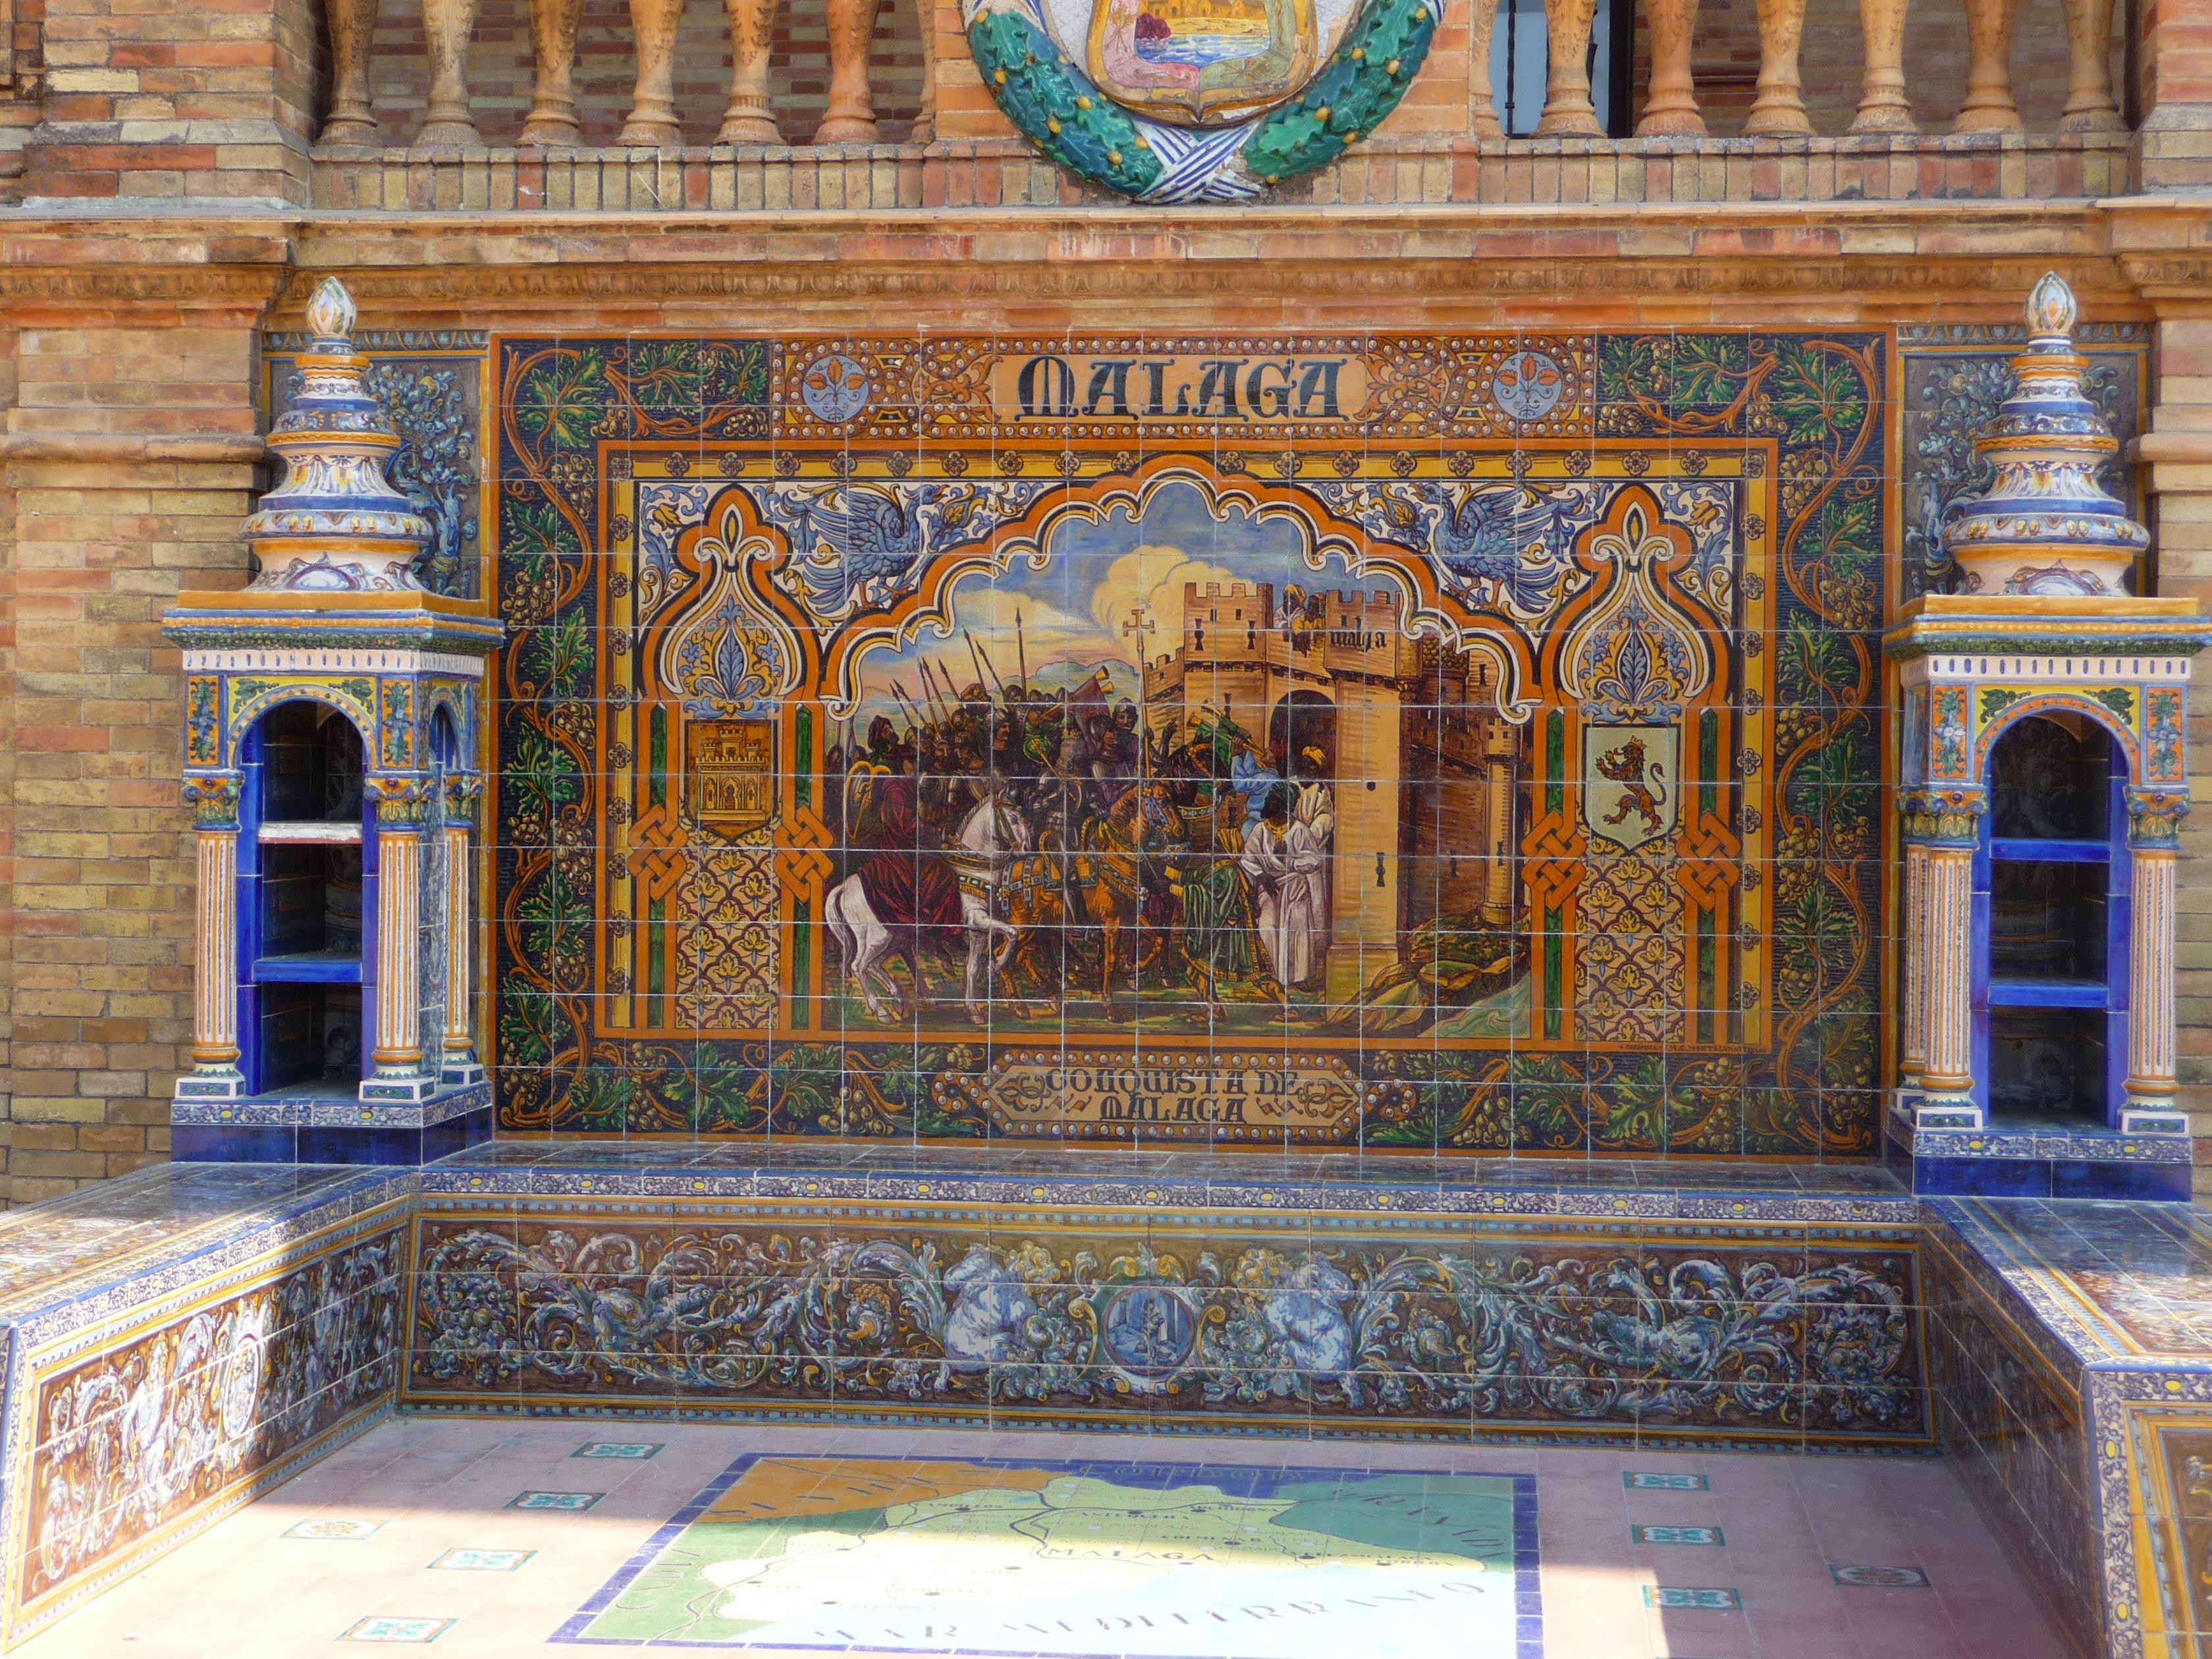 Malaga Pavilion